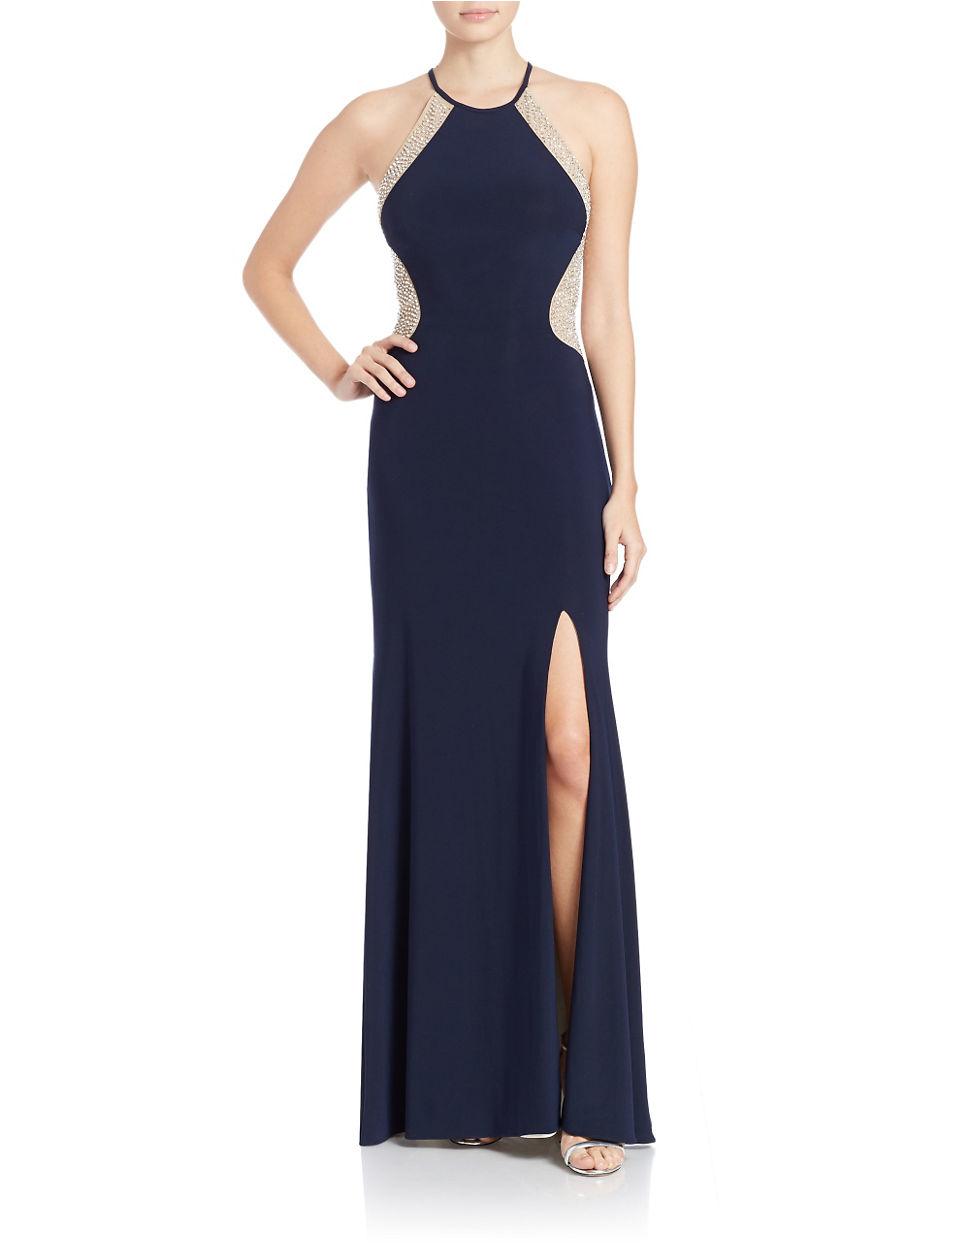 Lyst - Xscape Plus Beaded Halter Dress in Blue